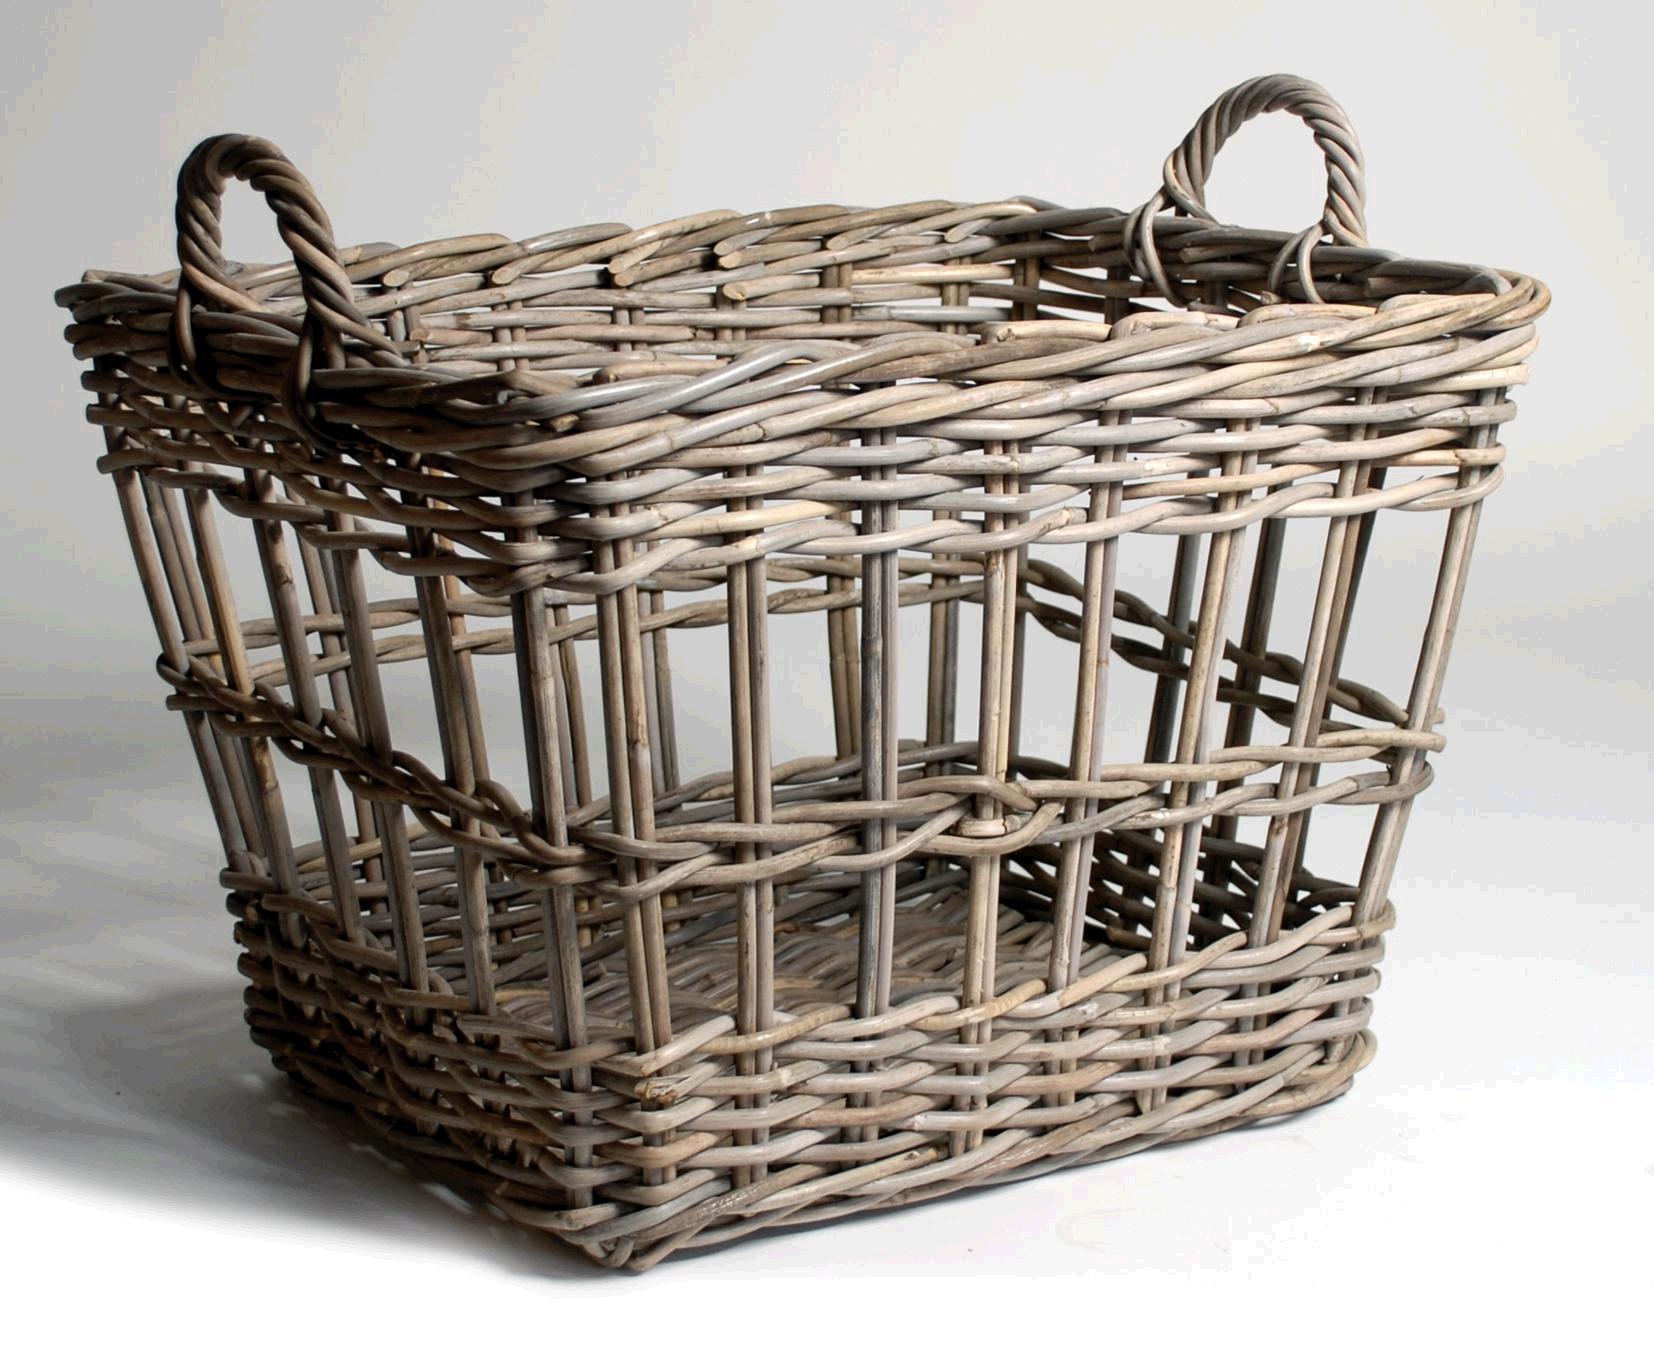 Comprar cestas para la ropa sucia o roperos y ba les de - Baules de mimbre ...